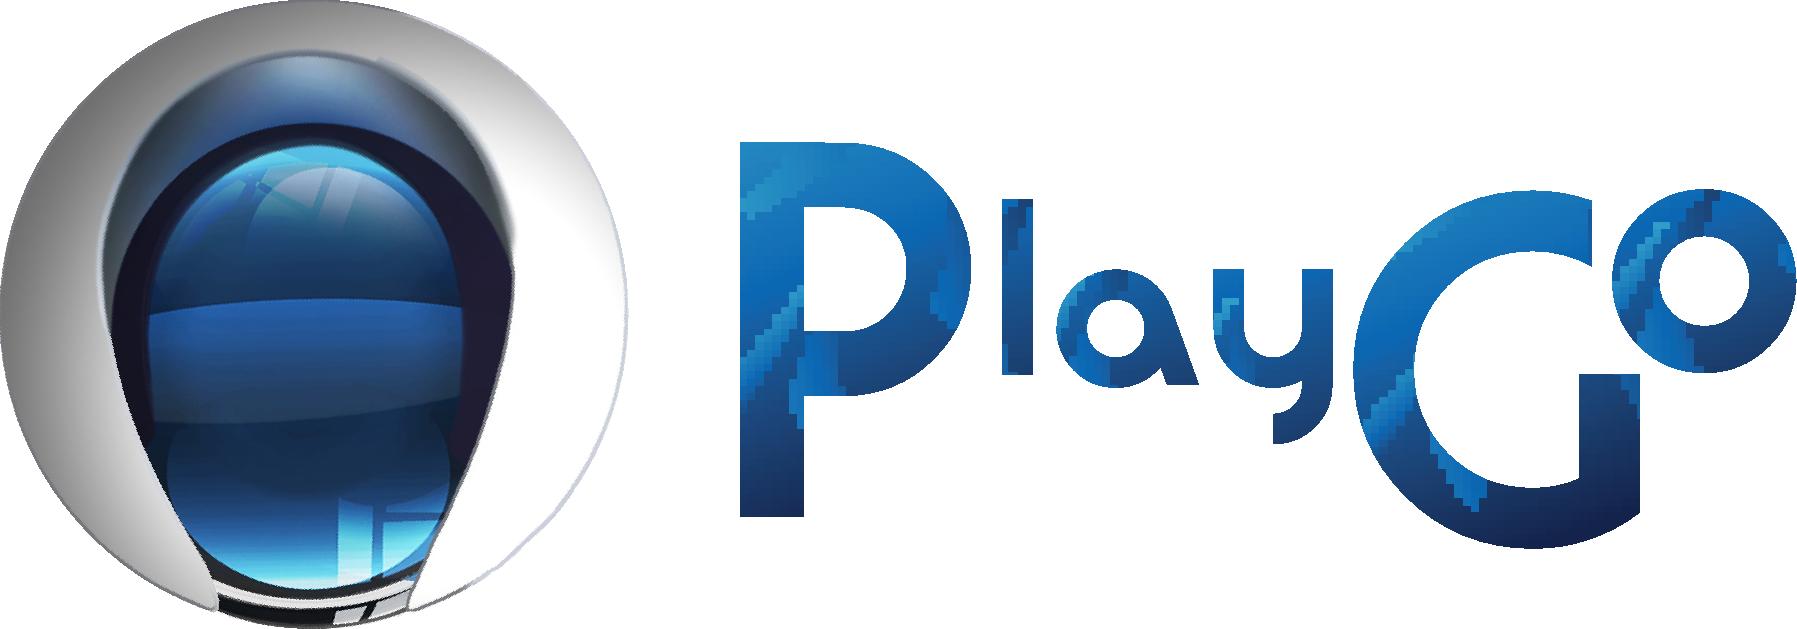 Imagem da Logo da Empresa PLAYGO